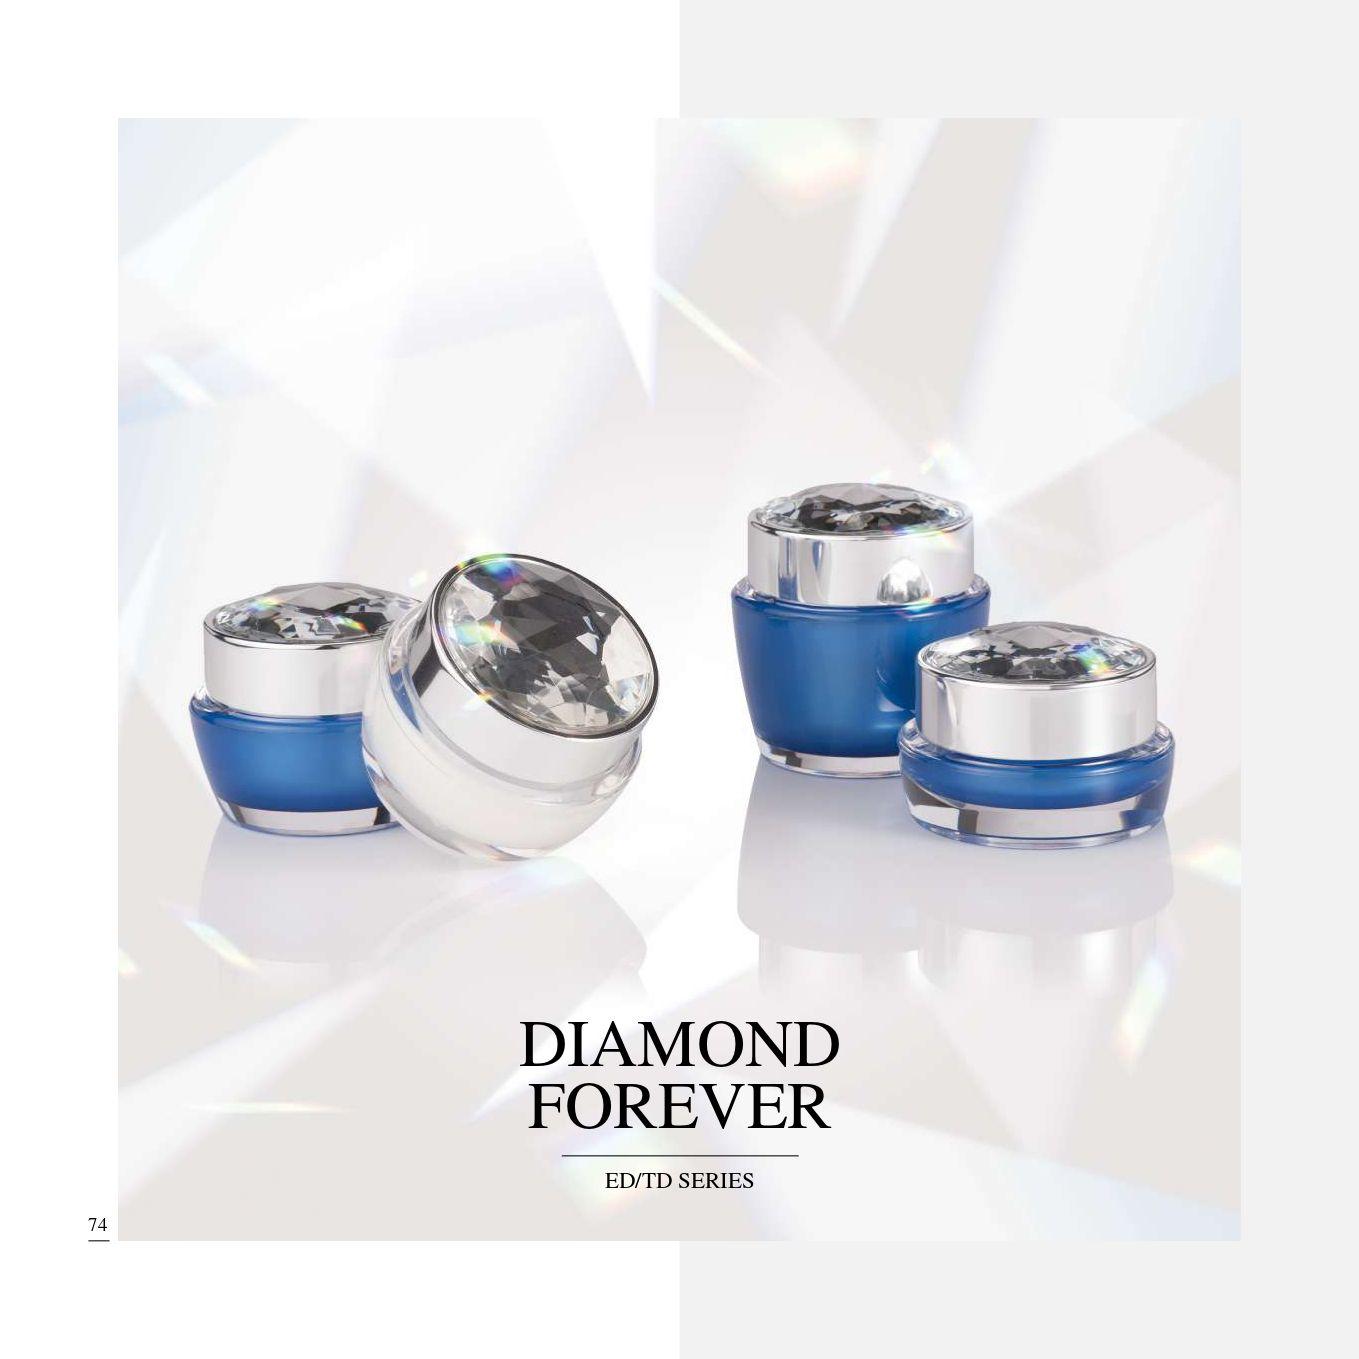 redondo / cuadrado Forma Acrílico Lujo Cosmético y Cuidado de la Piel Envase - Serie Diamond Forever - Cosmético Envase Colección - Diamond Forever